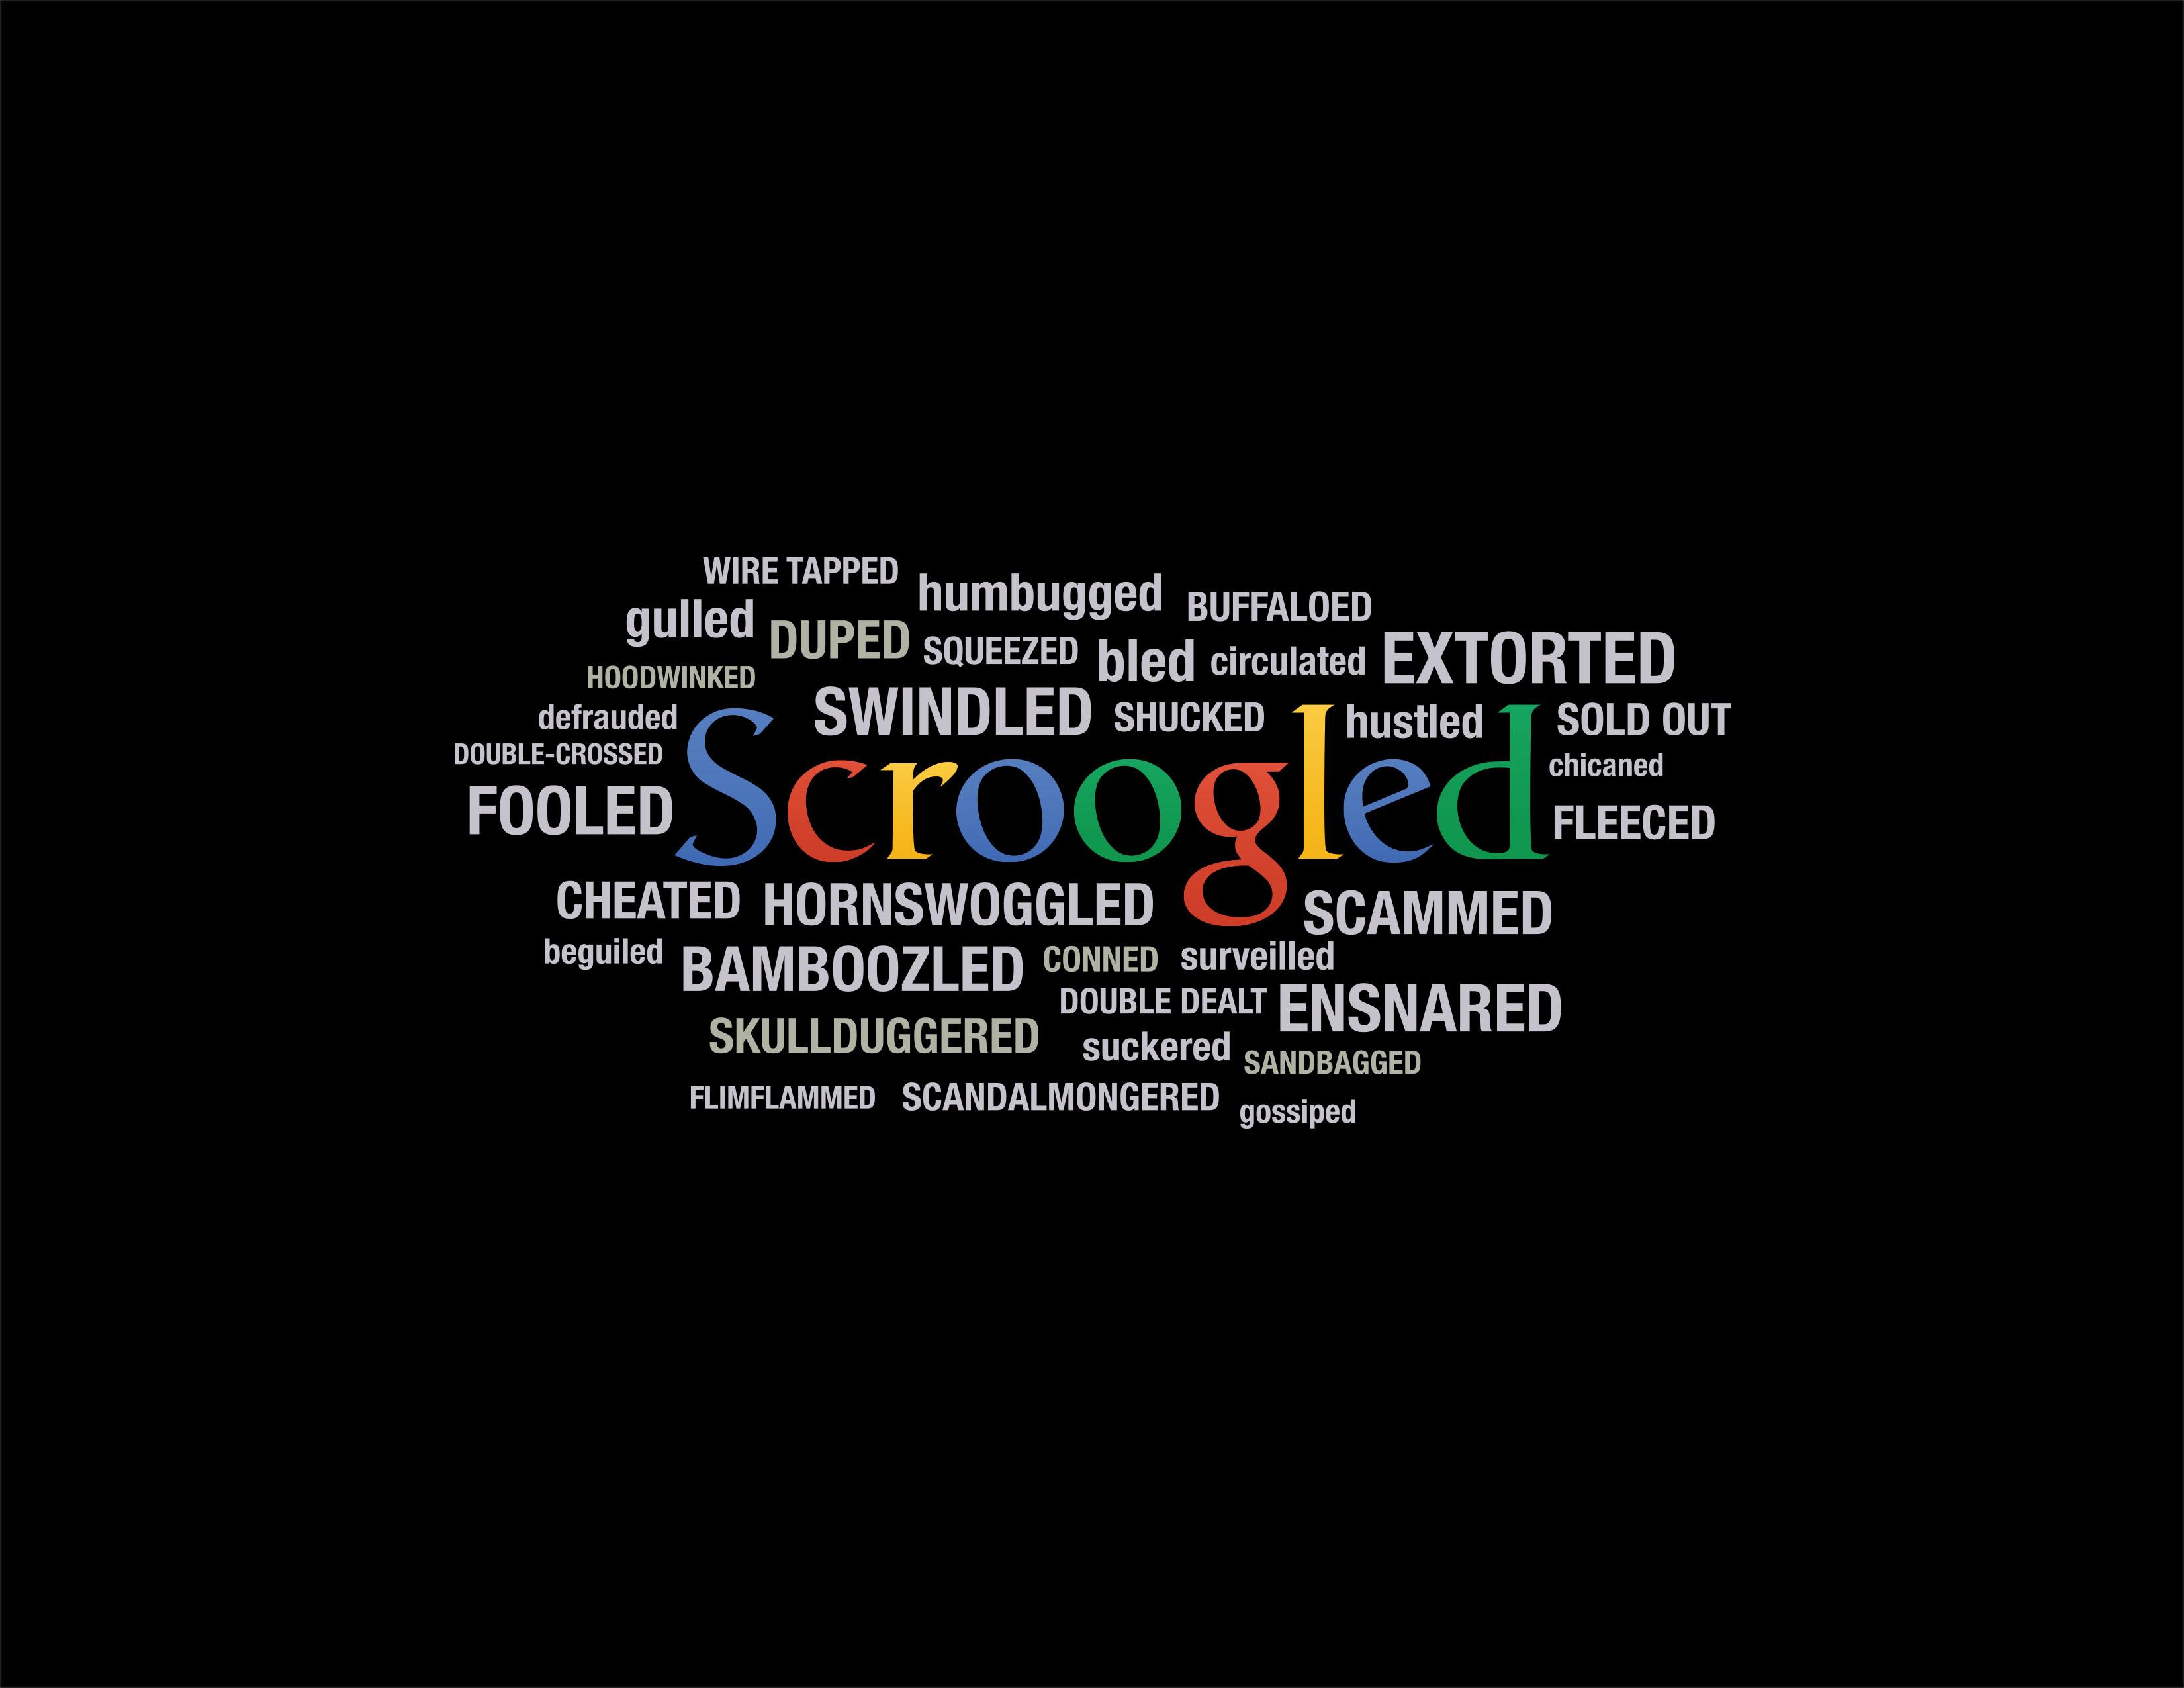 scroogled-world-cloud.jpg